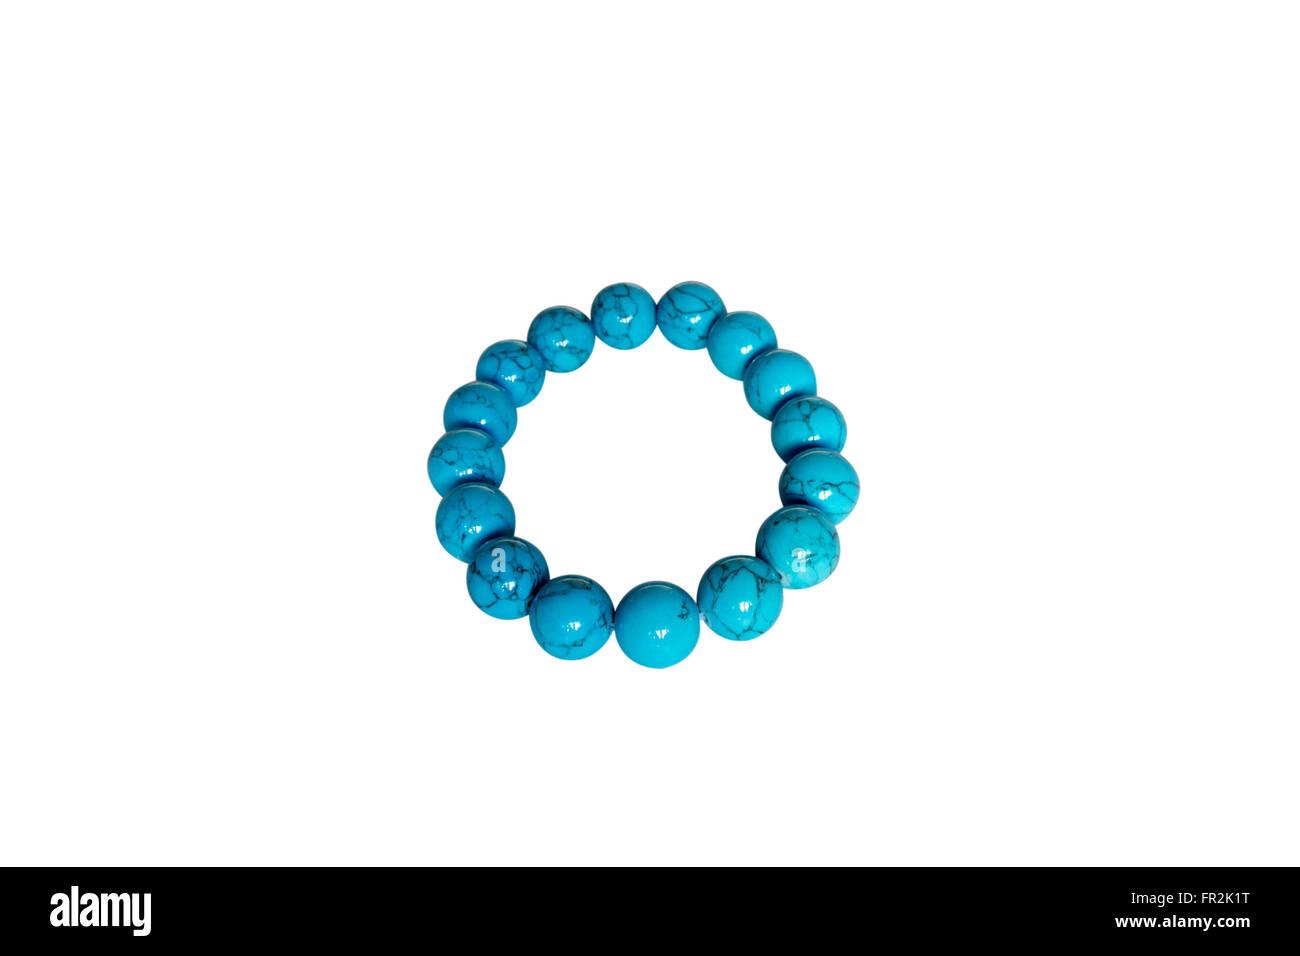 Bracelet made of turquoise. Isolate on white background - Stock Image